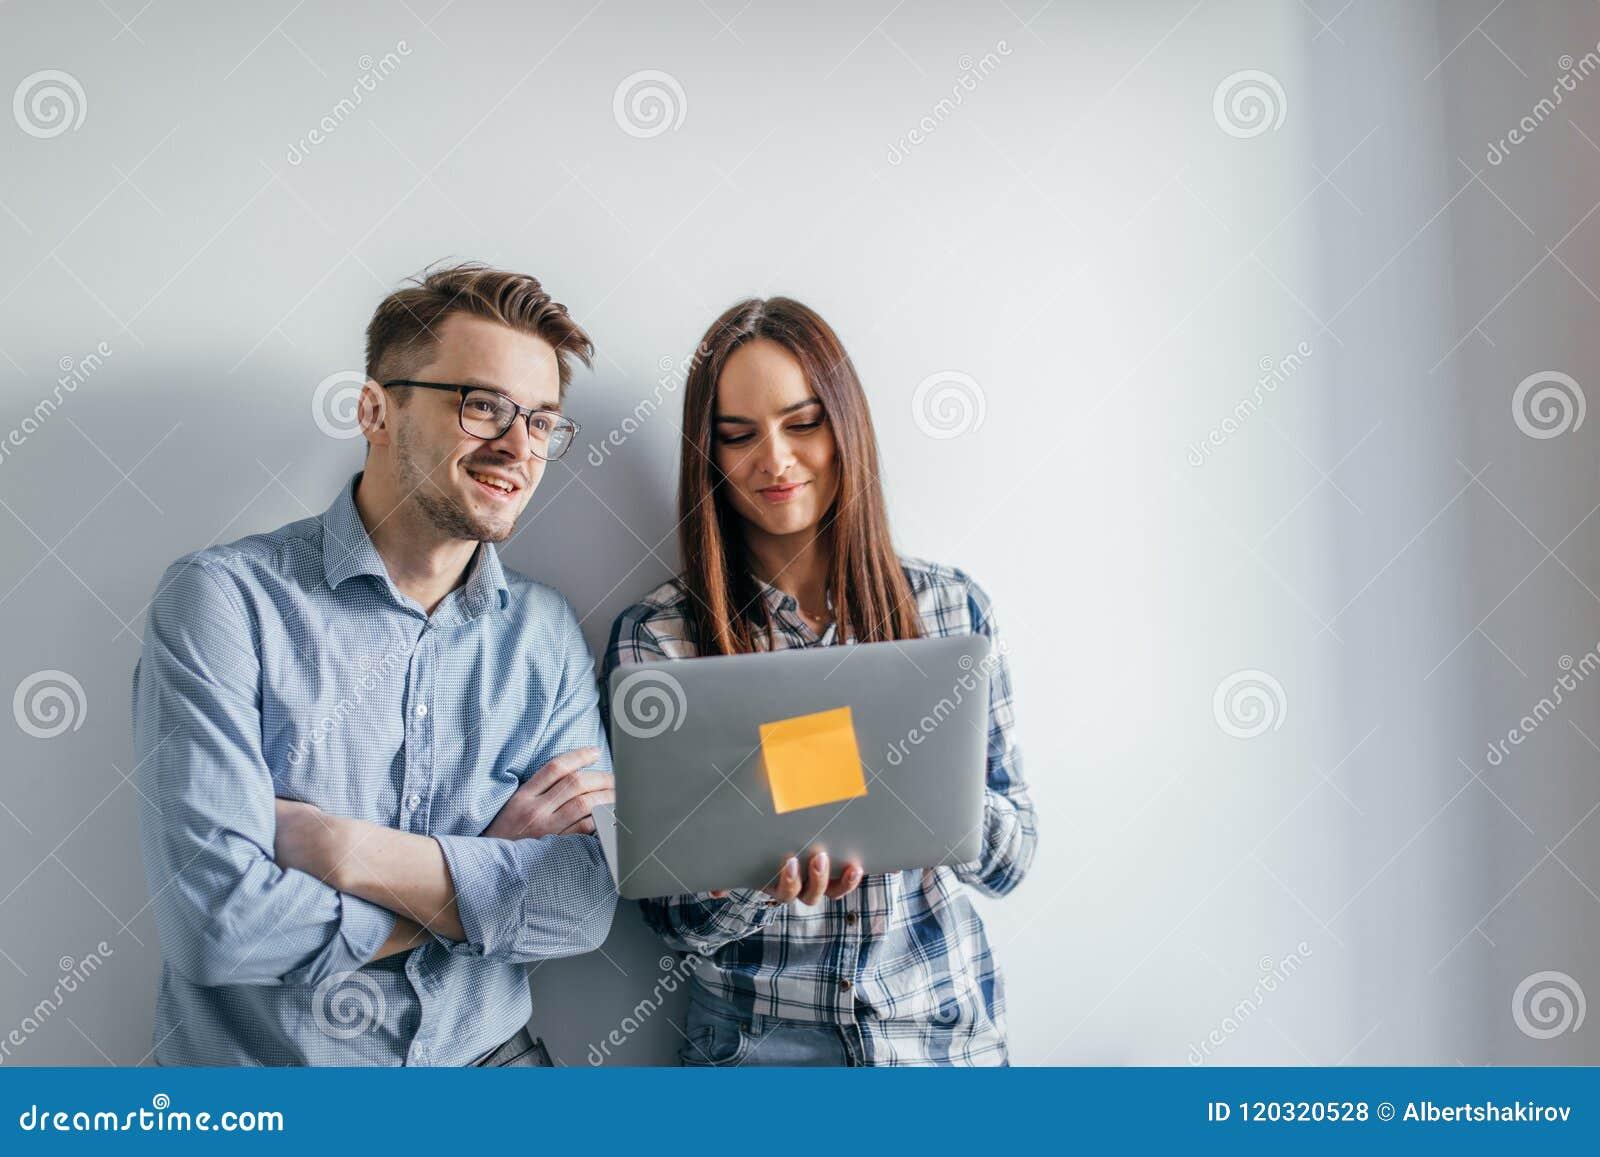 Dator för bärbar dator för lyckliga blandning-lopp par hållande, medan stå och fira som isoleras över grå väggbakgrund